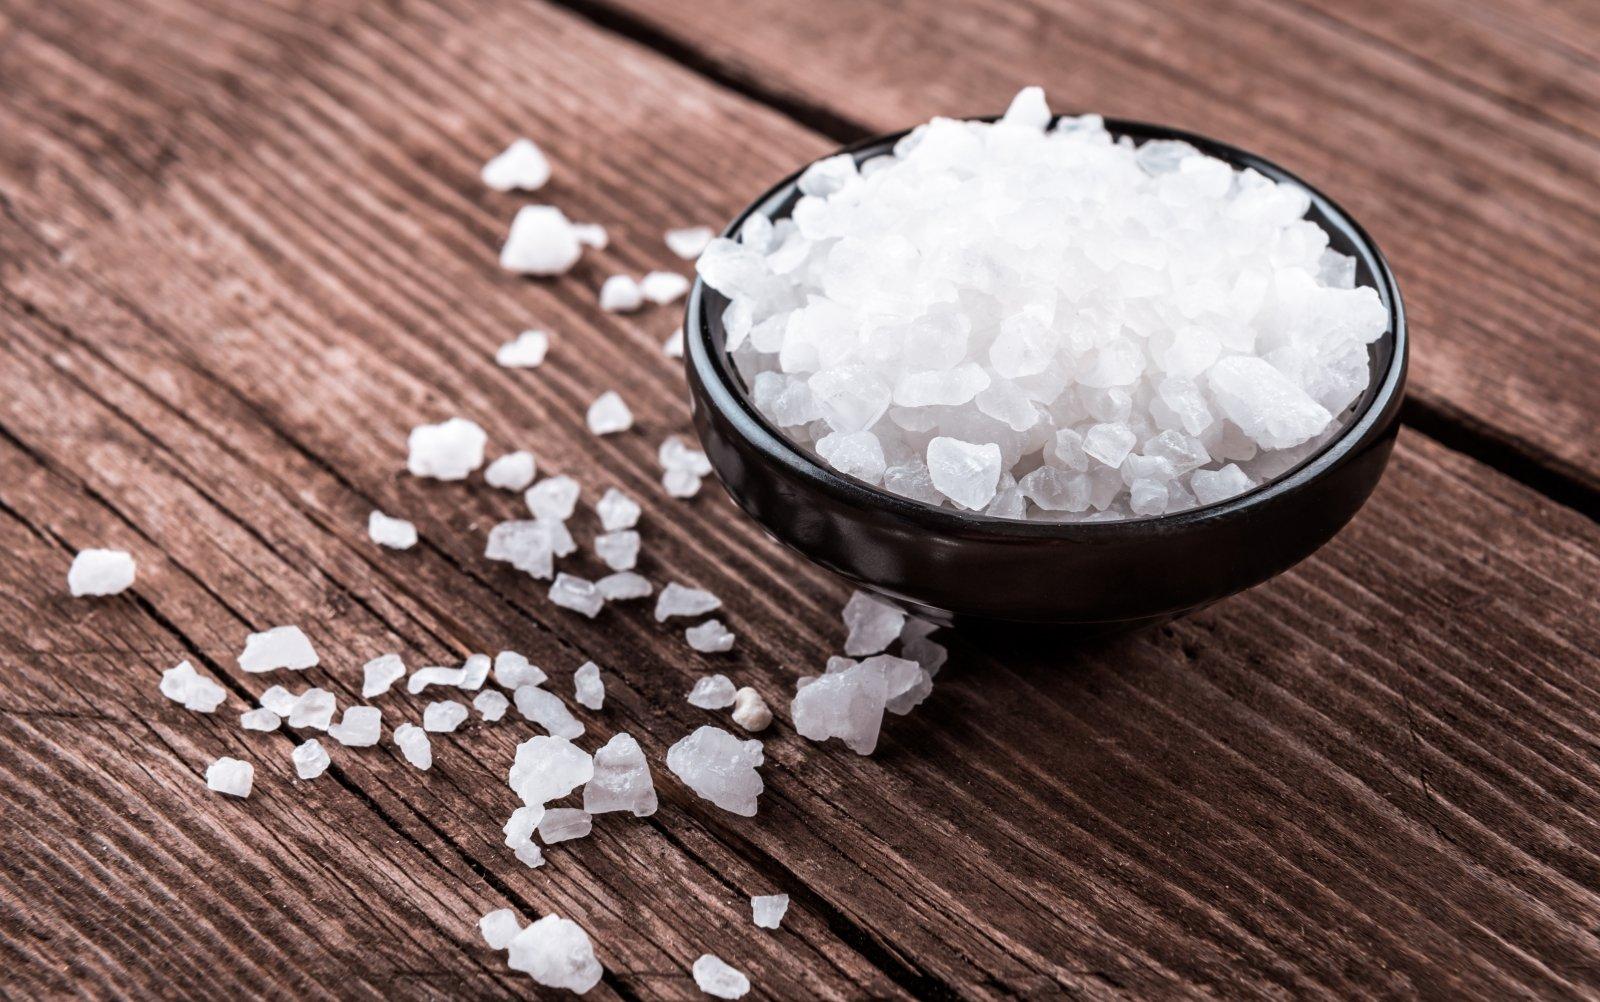 Kaip gydyti grybeli druska